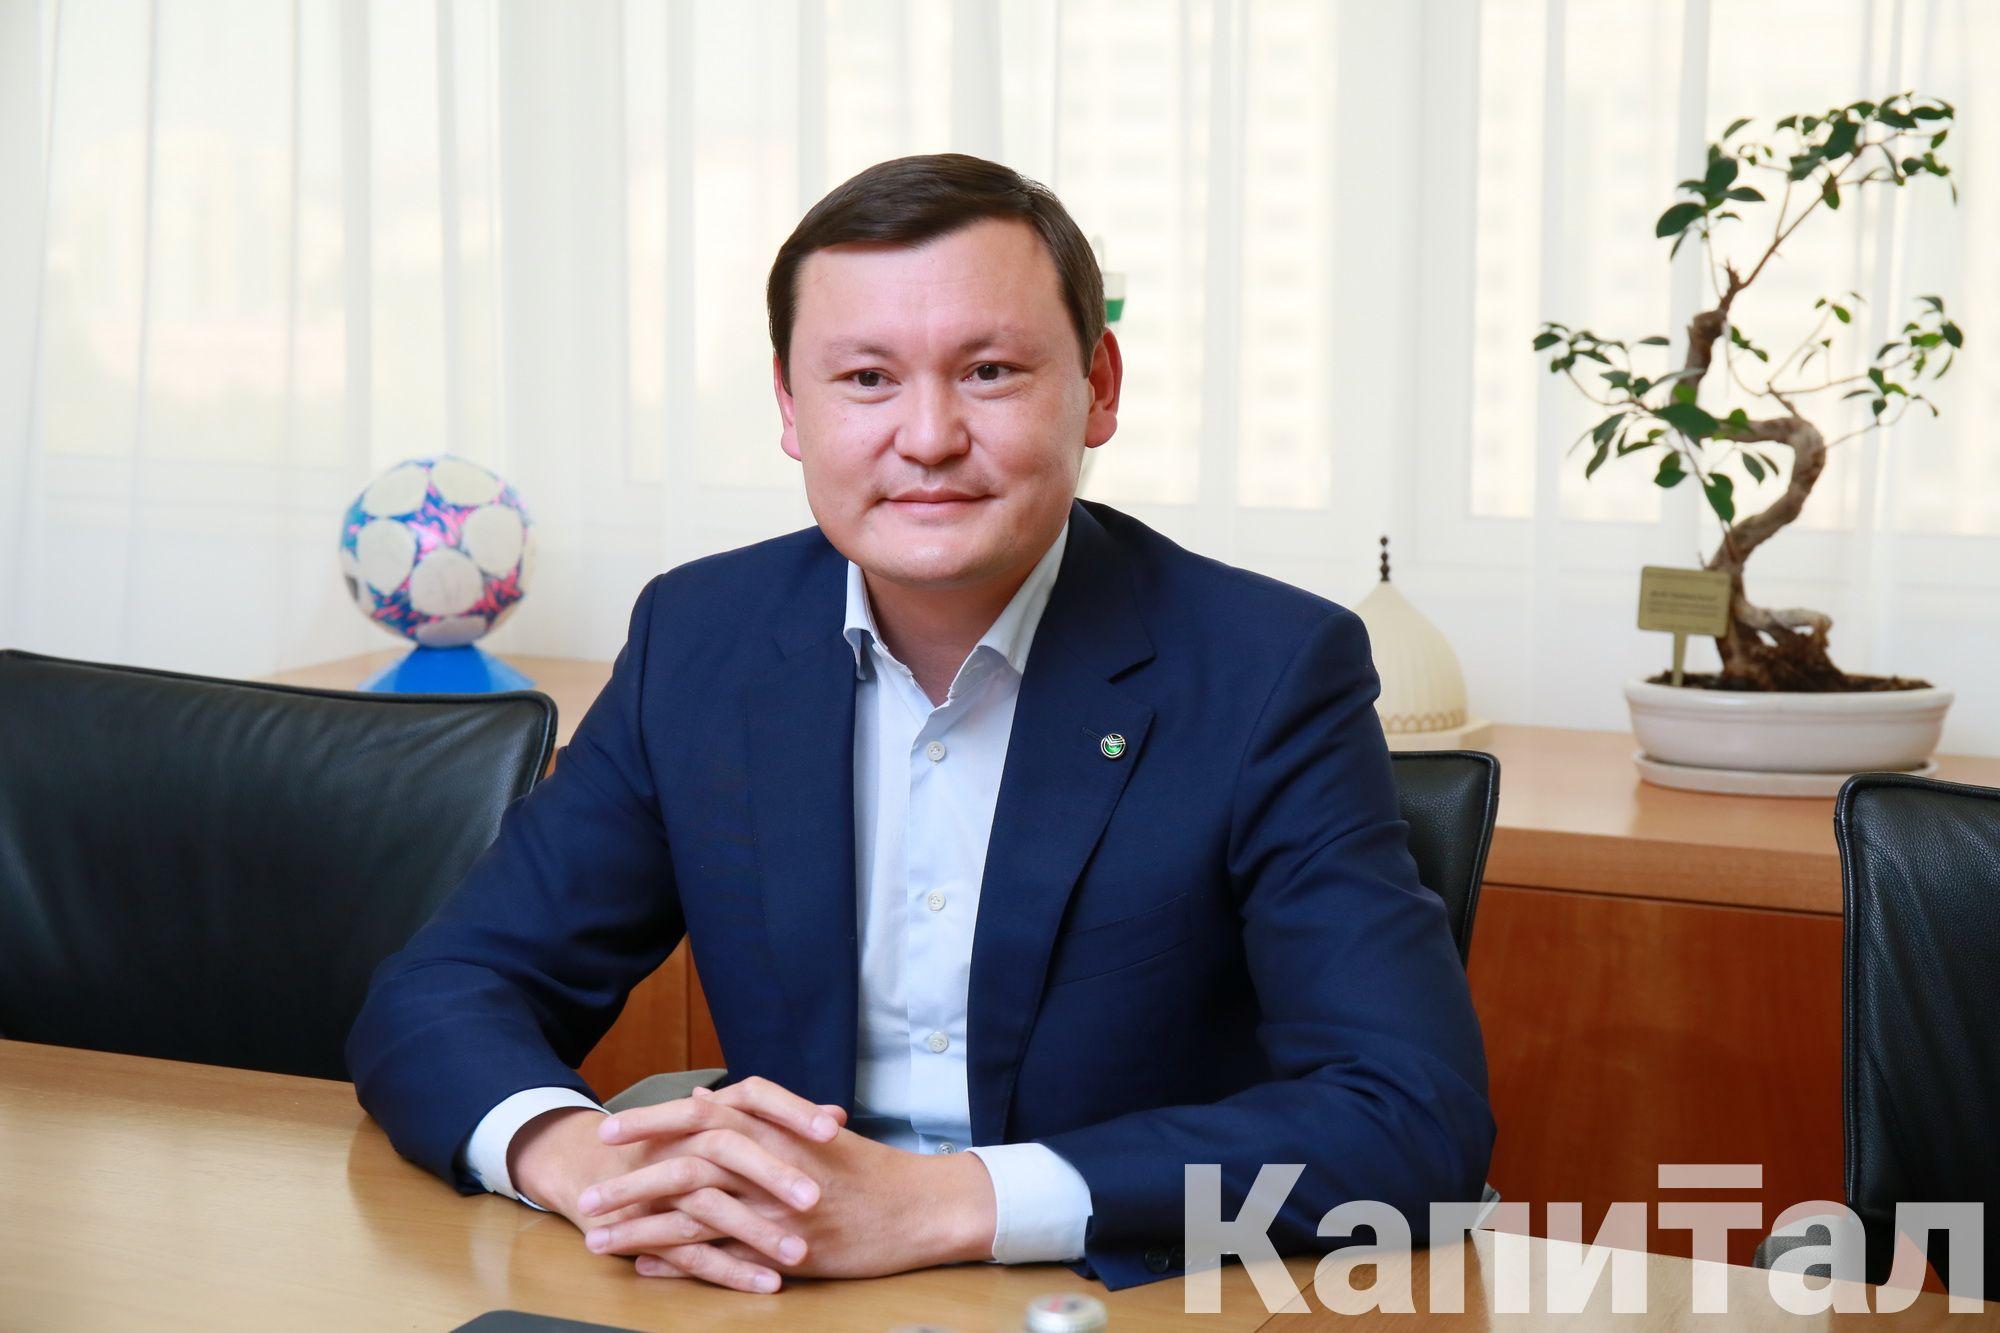 Ельдар Тенизбаев: Кредитование – уже не основной продукт банков 439060 - Kapital.kz